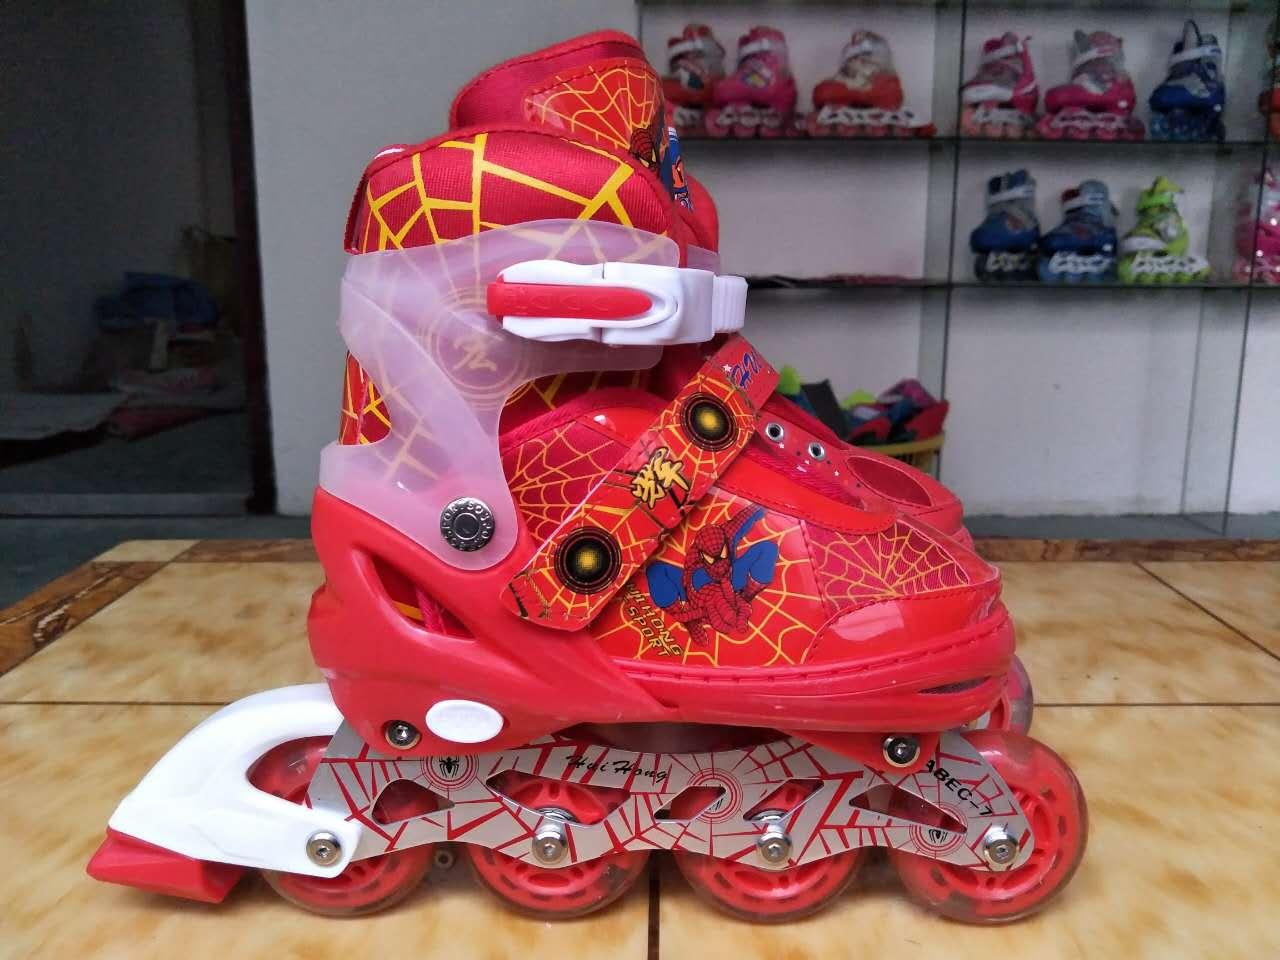 畅销轮滑鞋 价位合理的迪士尼儿童溜冰鞋鞋品牌